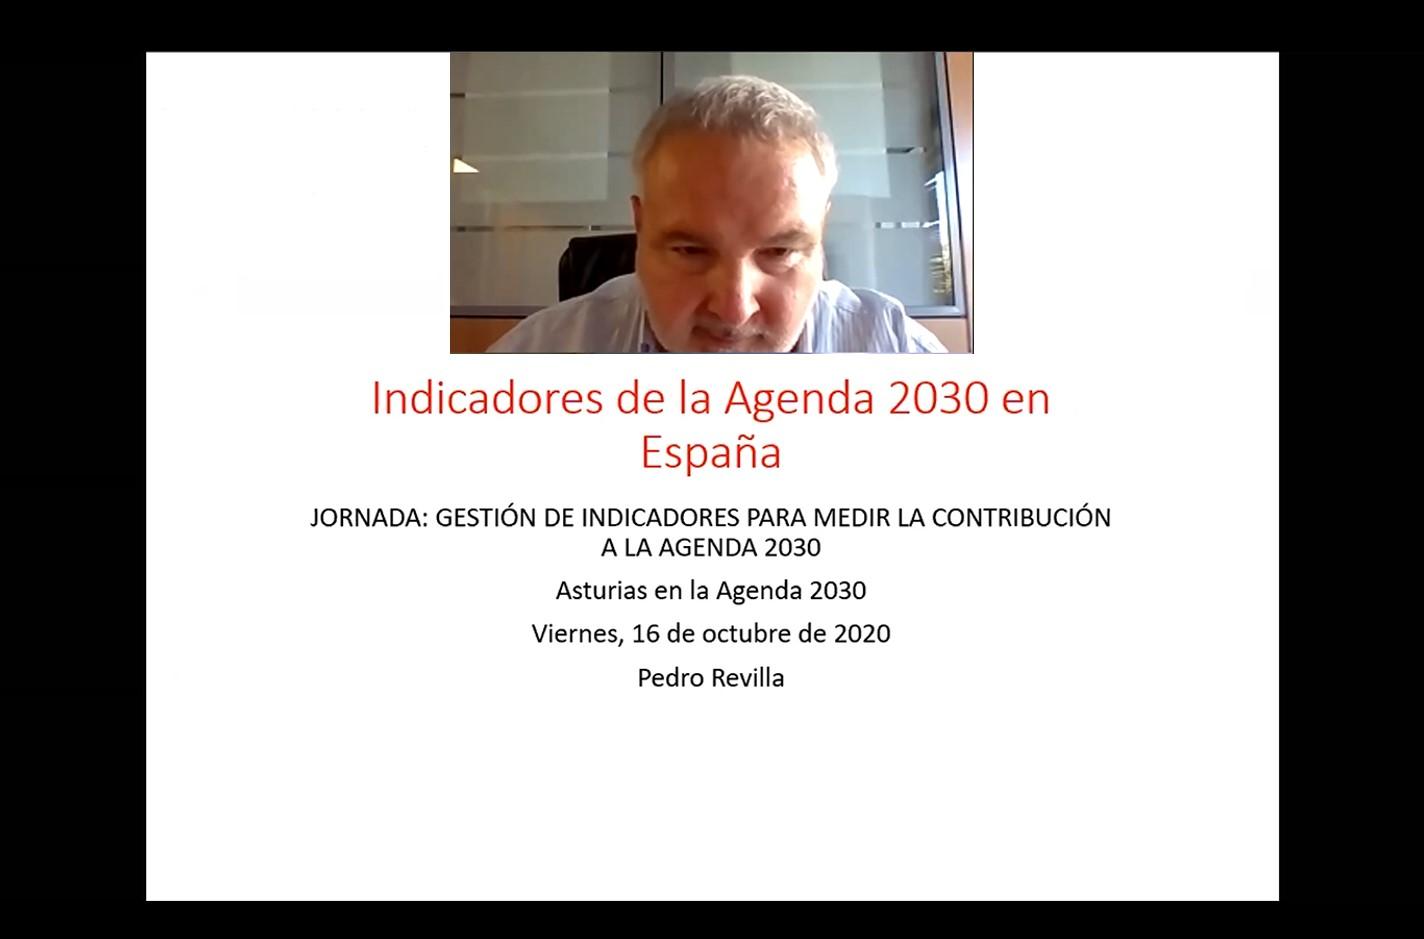 Jornada virtual: GESTIÓN DE INDICADORES PARA MEDIR LA CONTRIBUCIÓN A LA AGENDA 2030